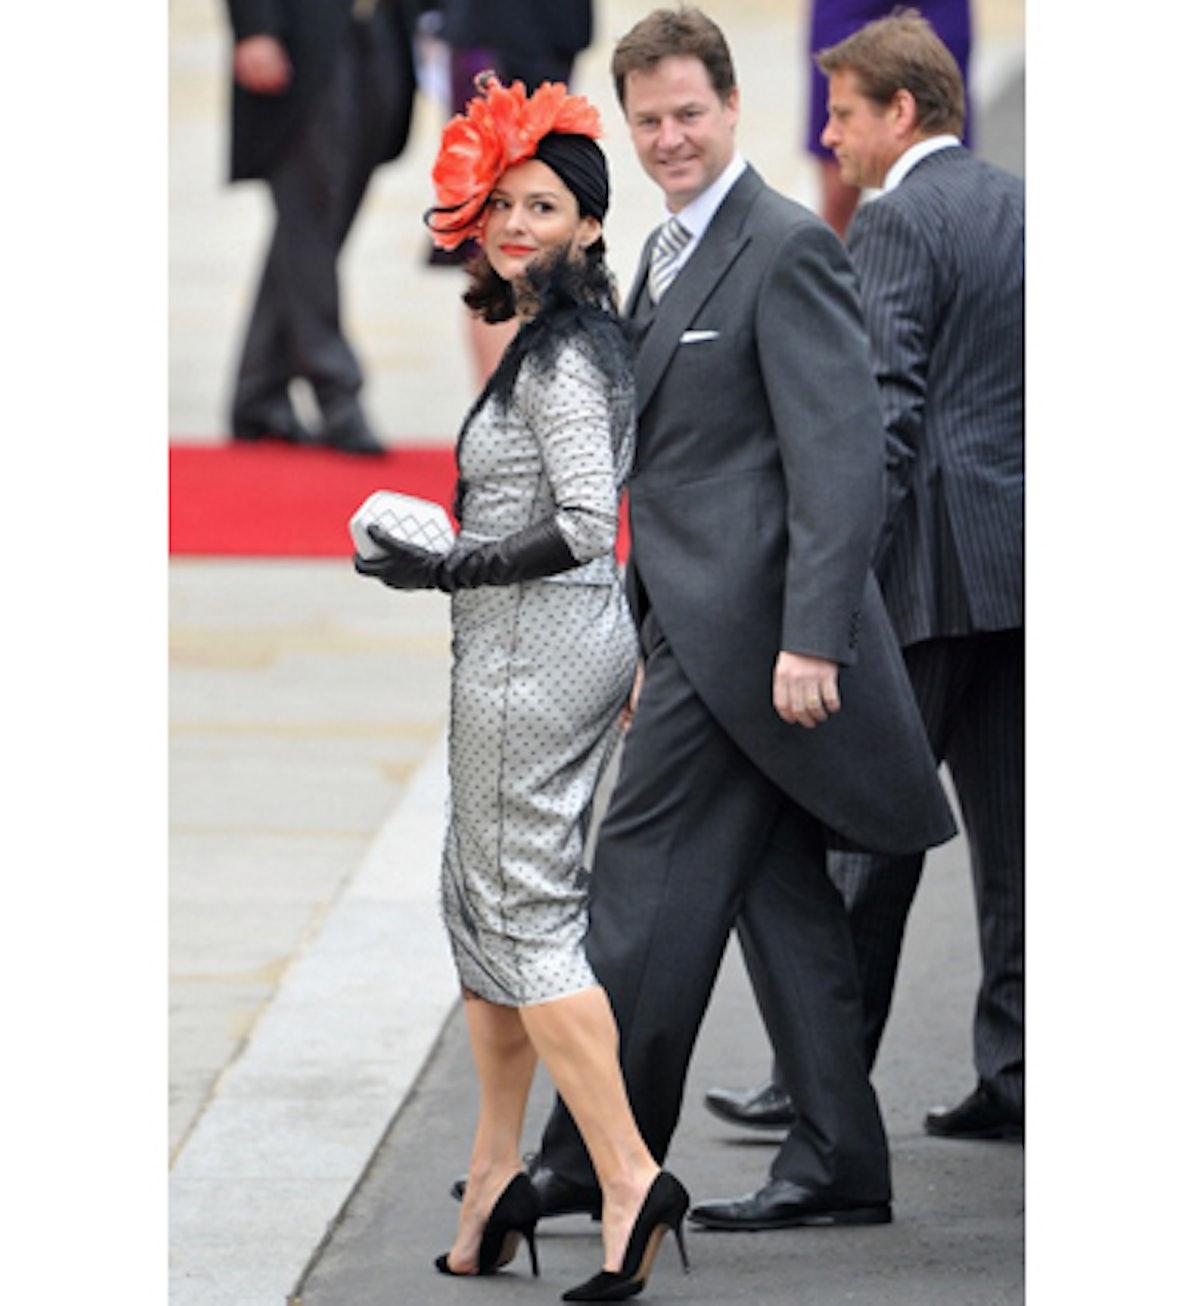 blog-royal-wedding-best-dressed-03.jpg